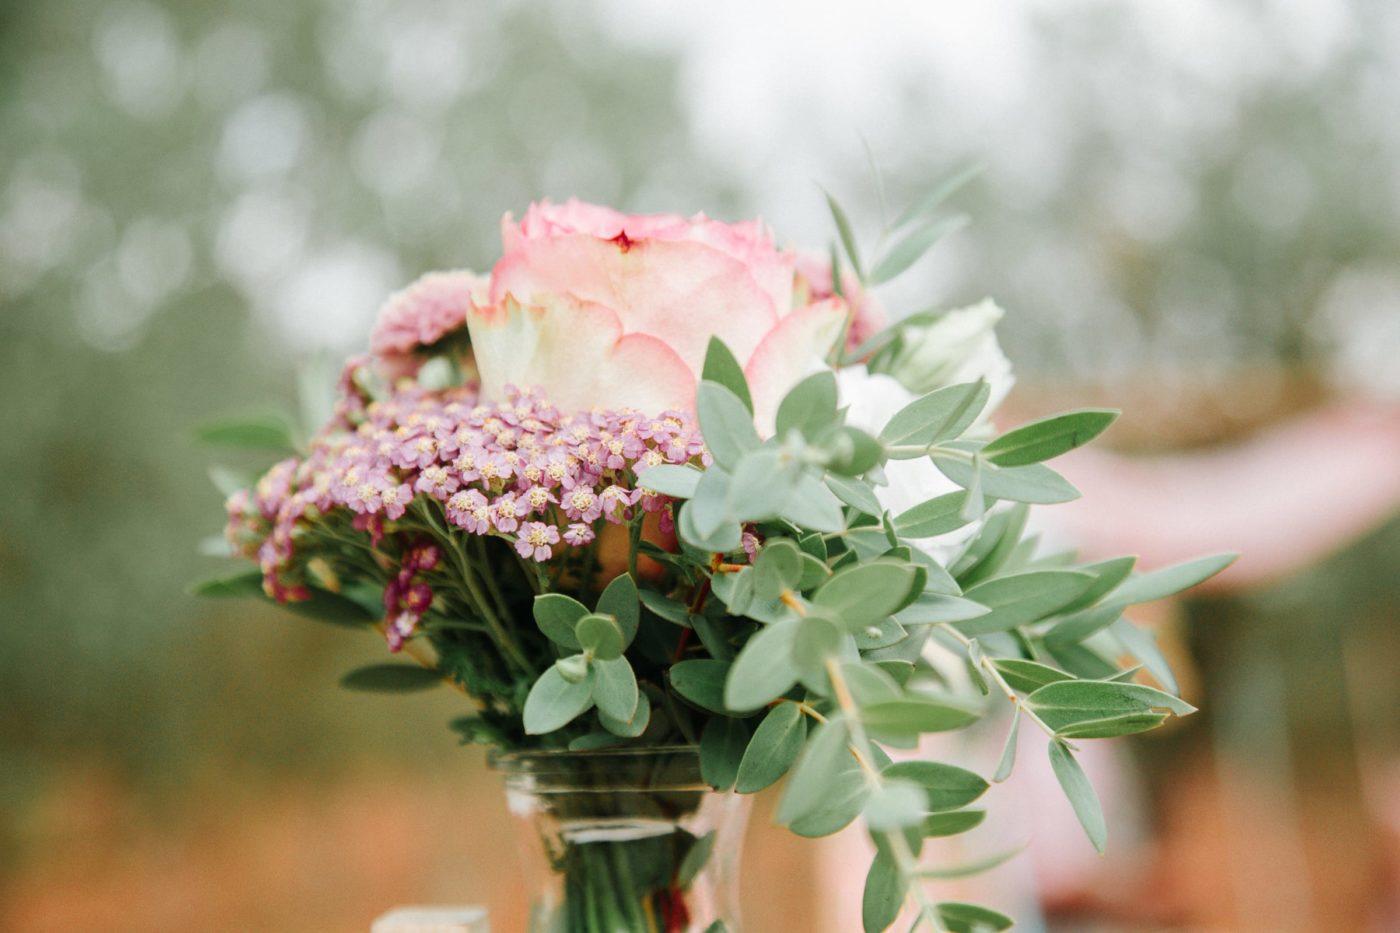 Hochzeitsblumen im Glas.